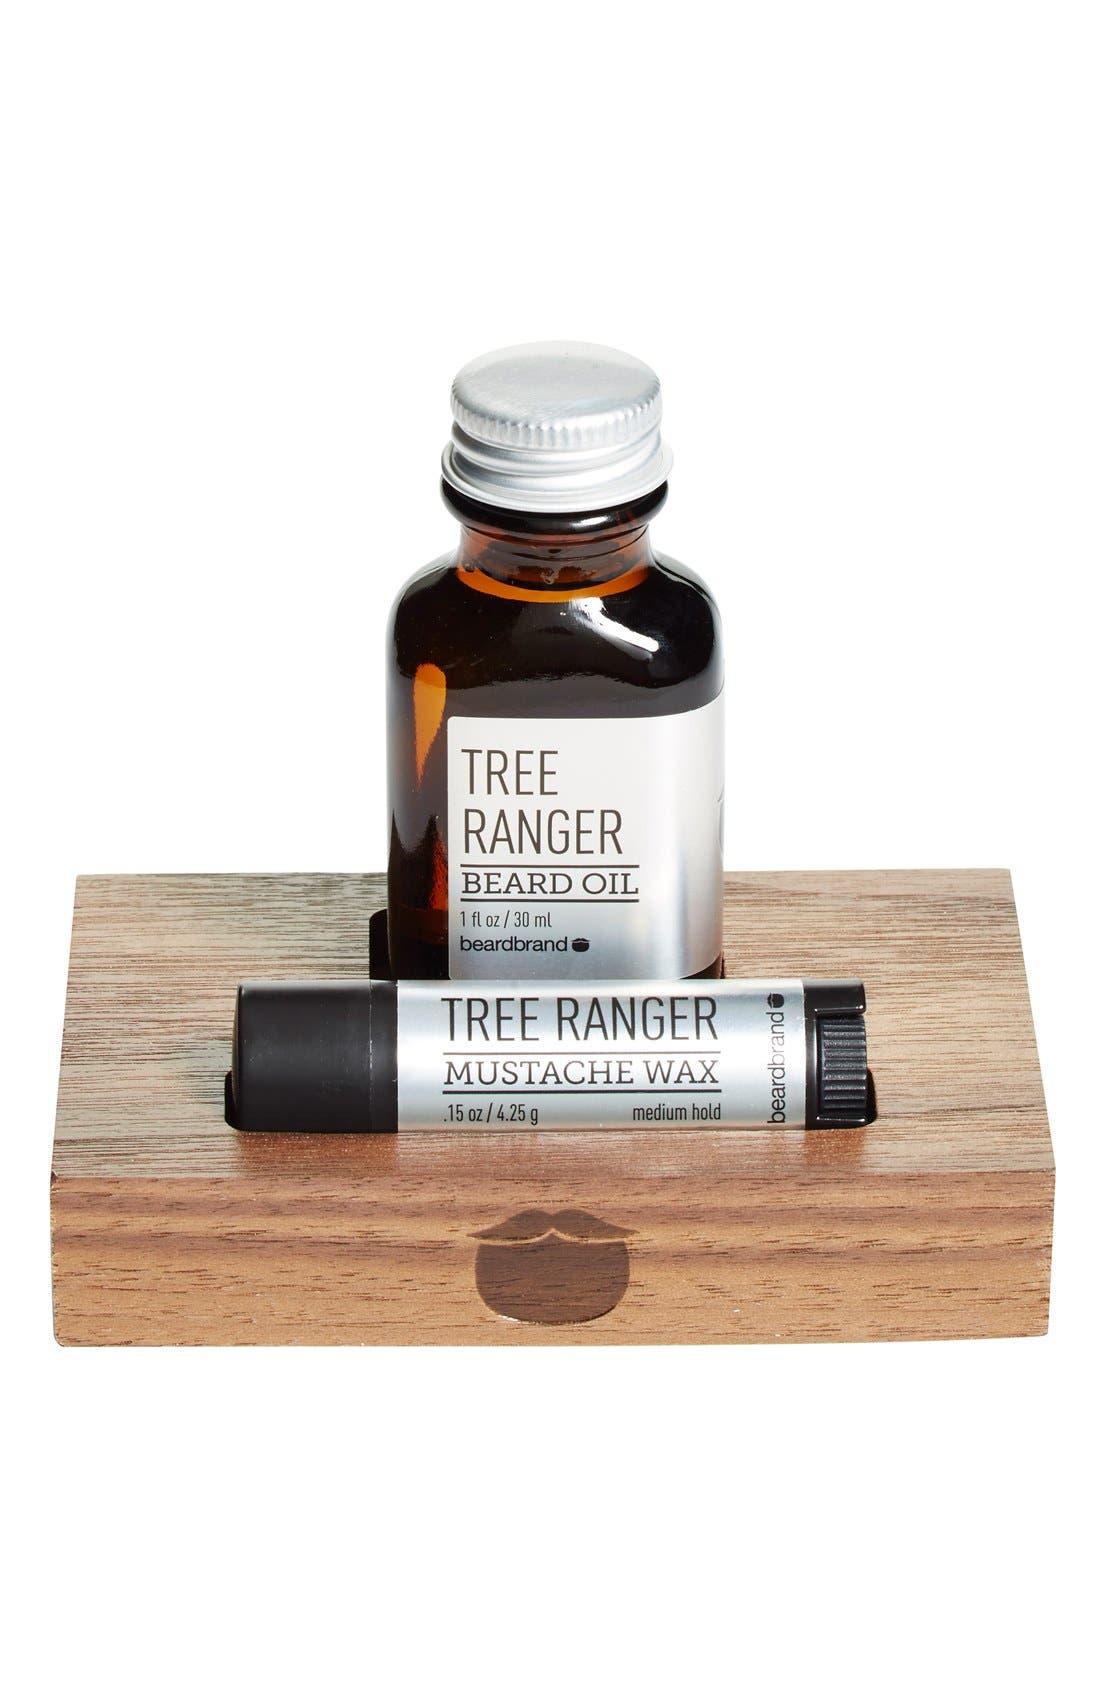 beardbrand 'Tree Ranger' Minimalist's Kit ($47 Value)